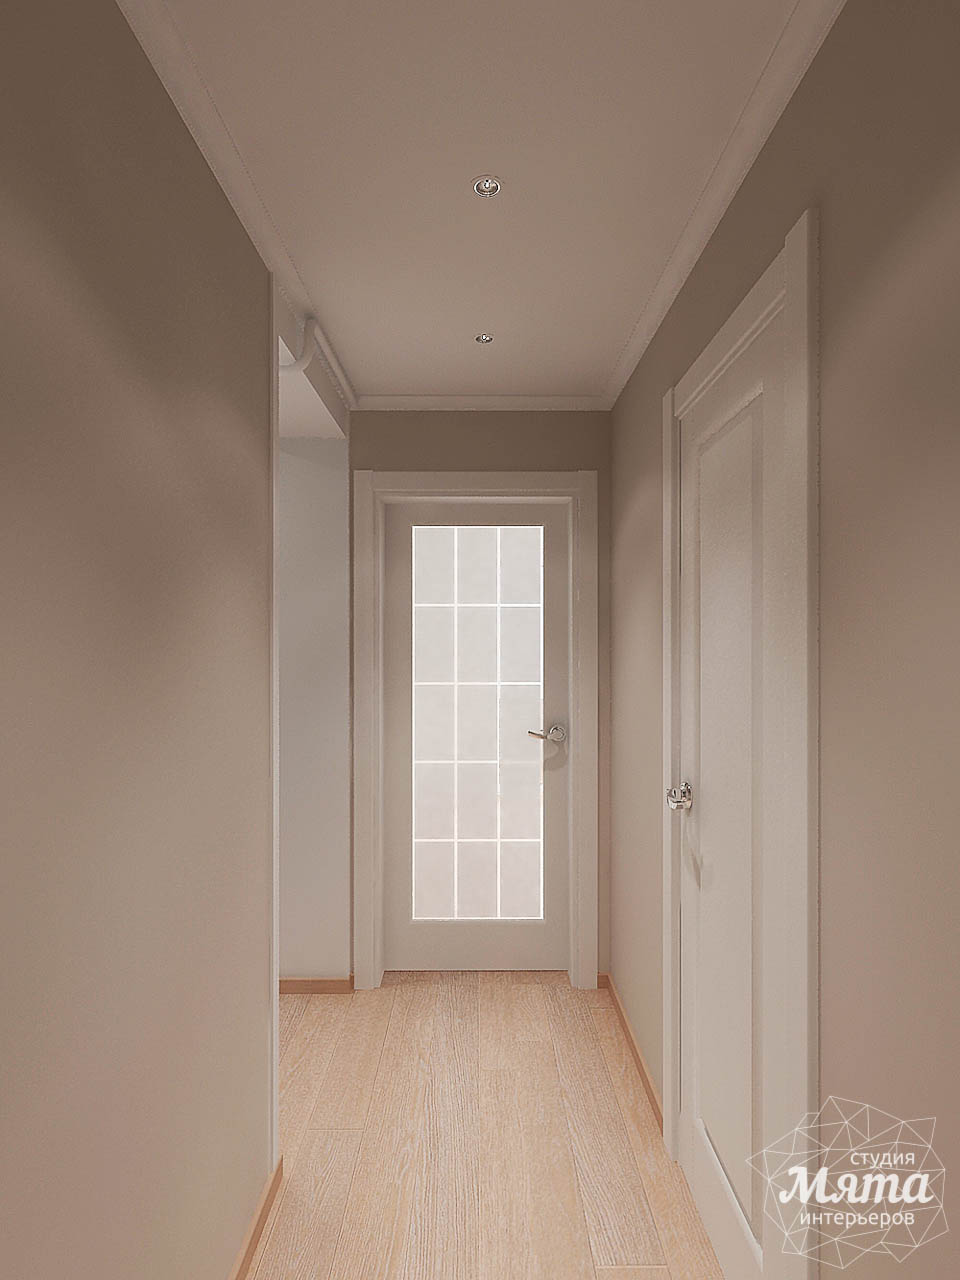 Дизайн интерьера двухкомнатной квартиры по ул. Шаумяна 93 img1595805727